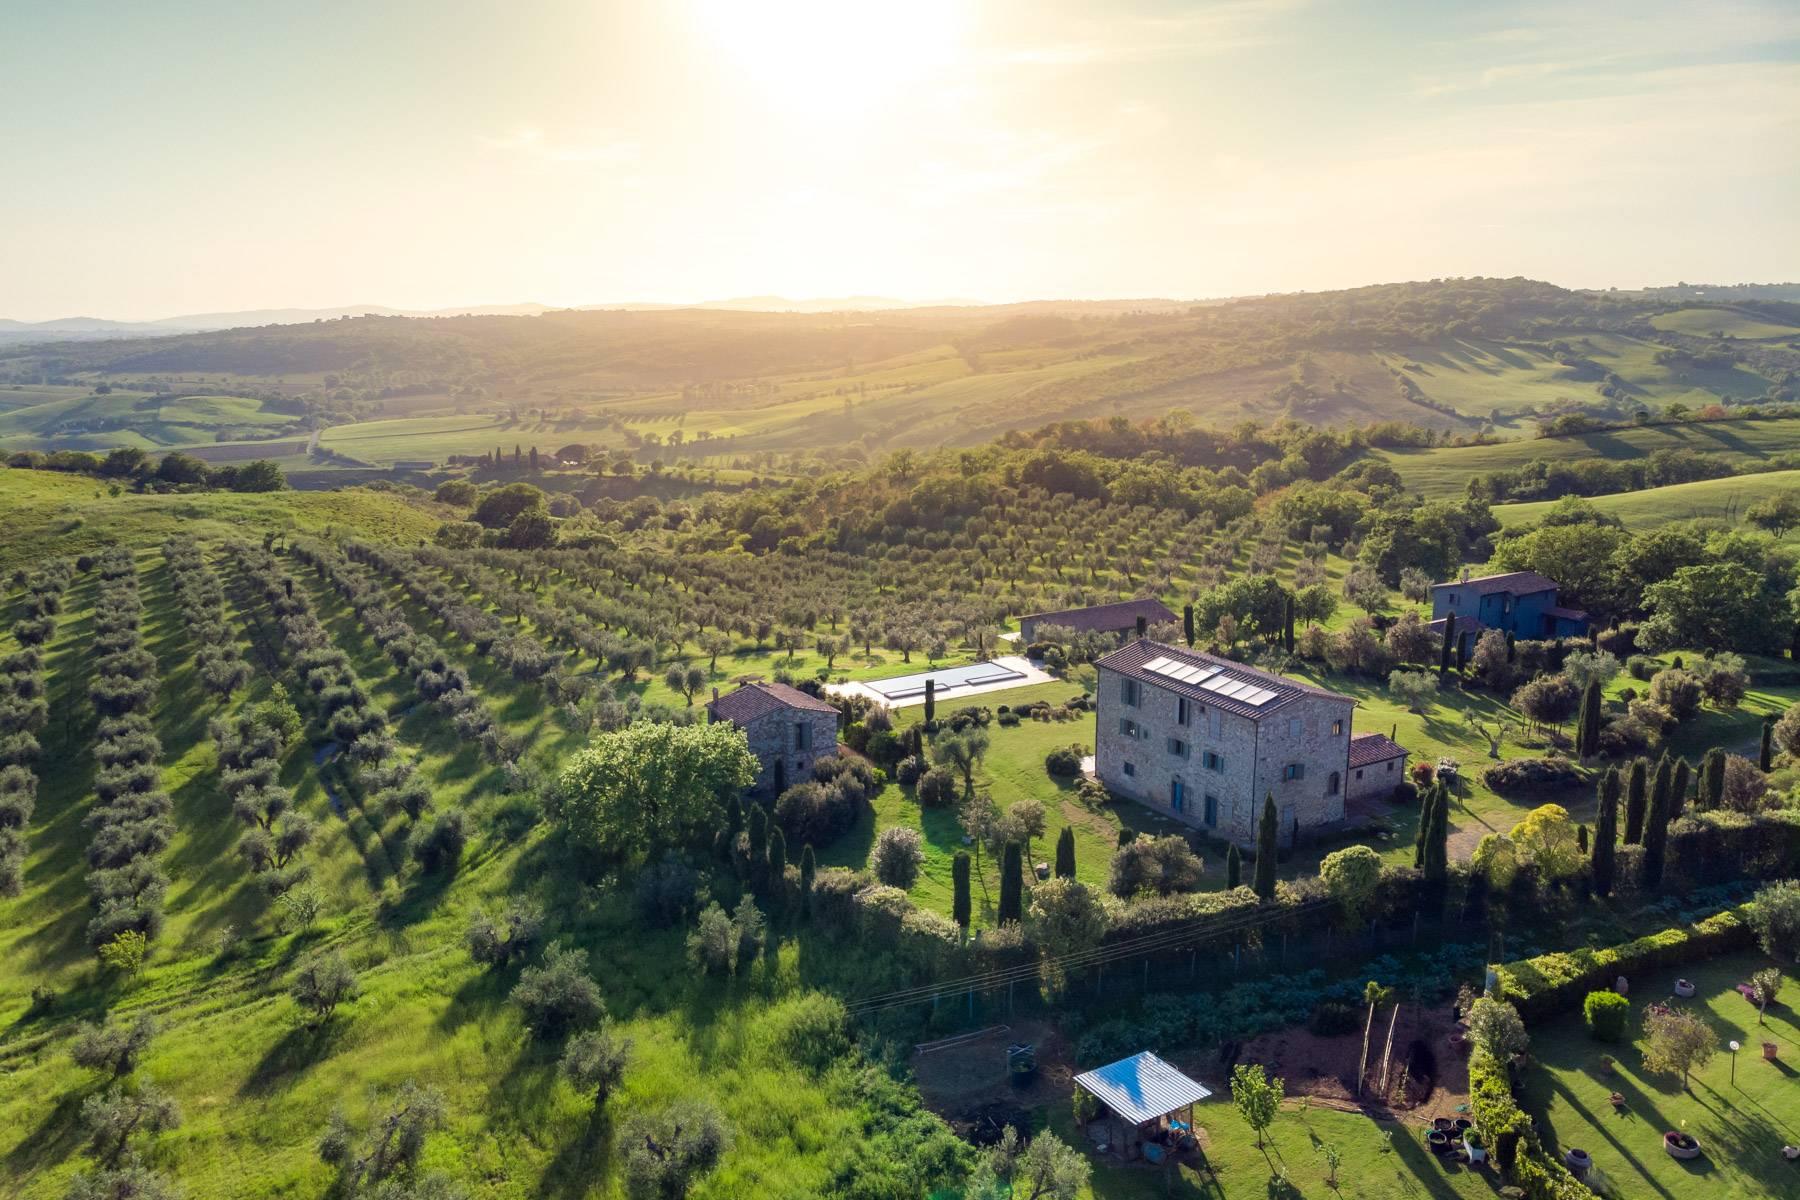 Rustico in Vendita a Magliano In Toscana: 5 locali, 1044 mq - Foto 2